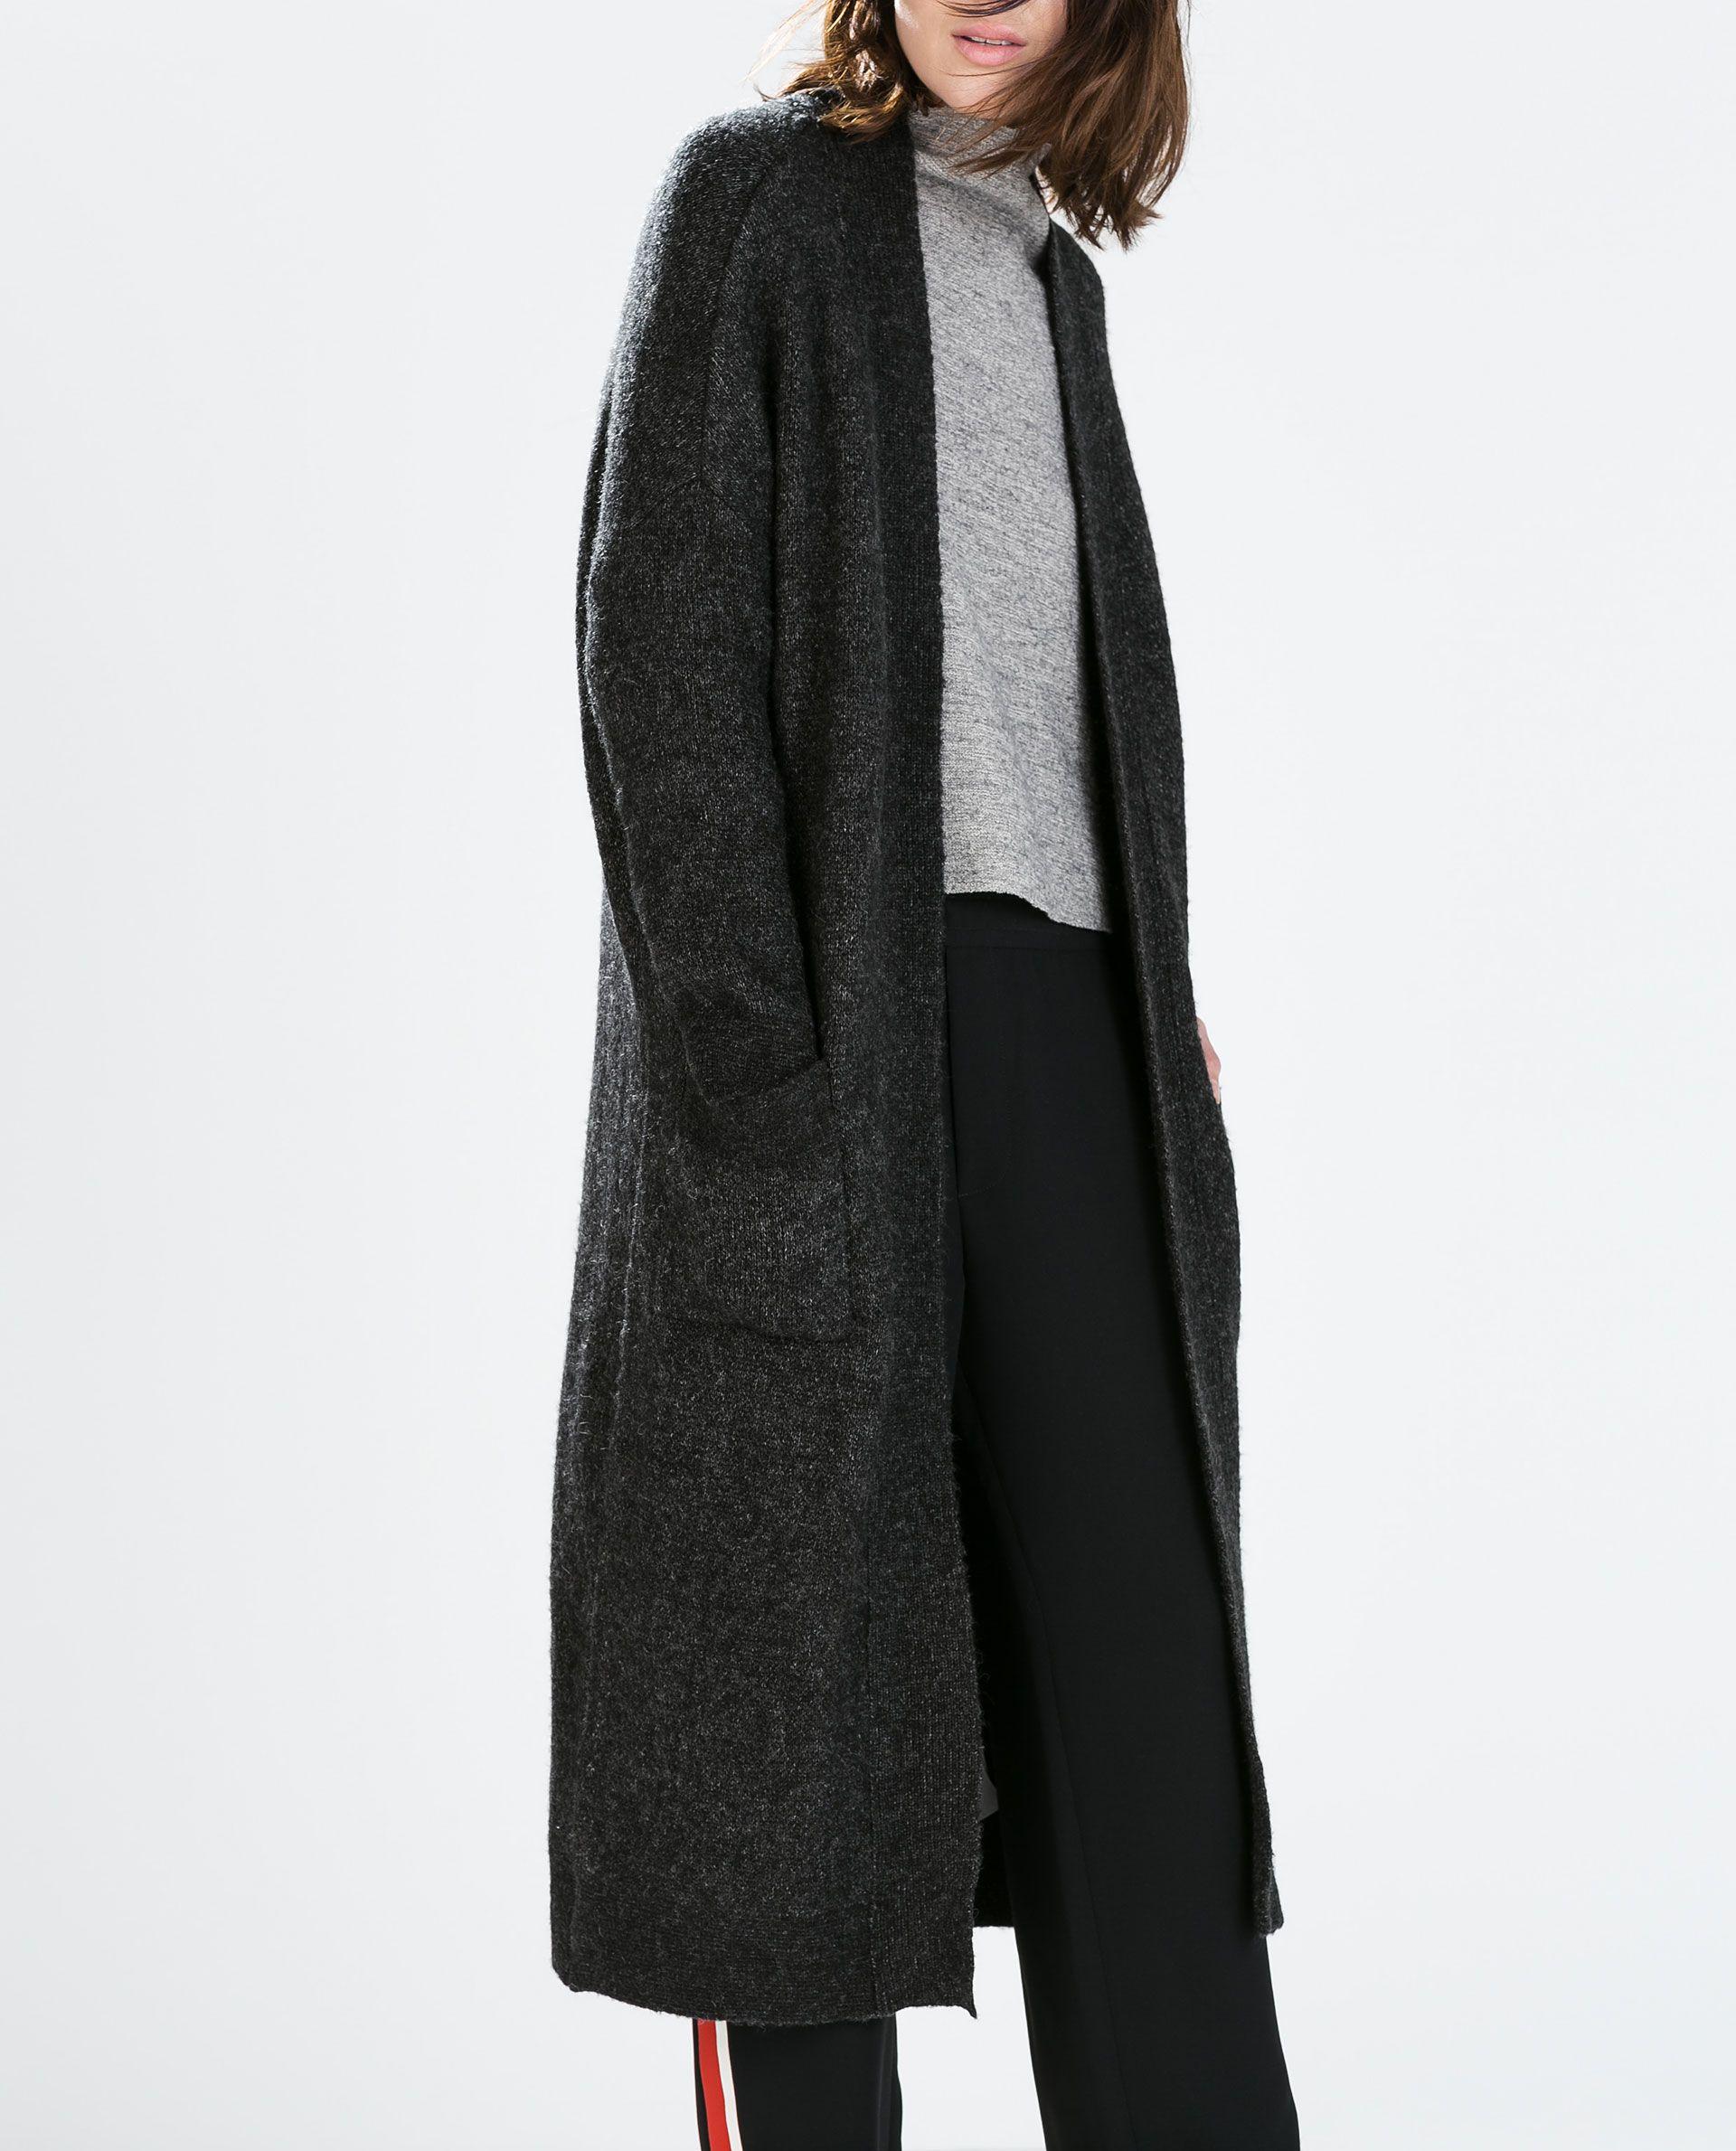 e13ce943266 EXTRA-LONG CARDIGAN WITH POCKETS from Zara